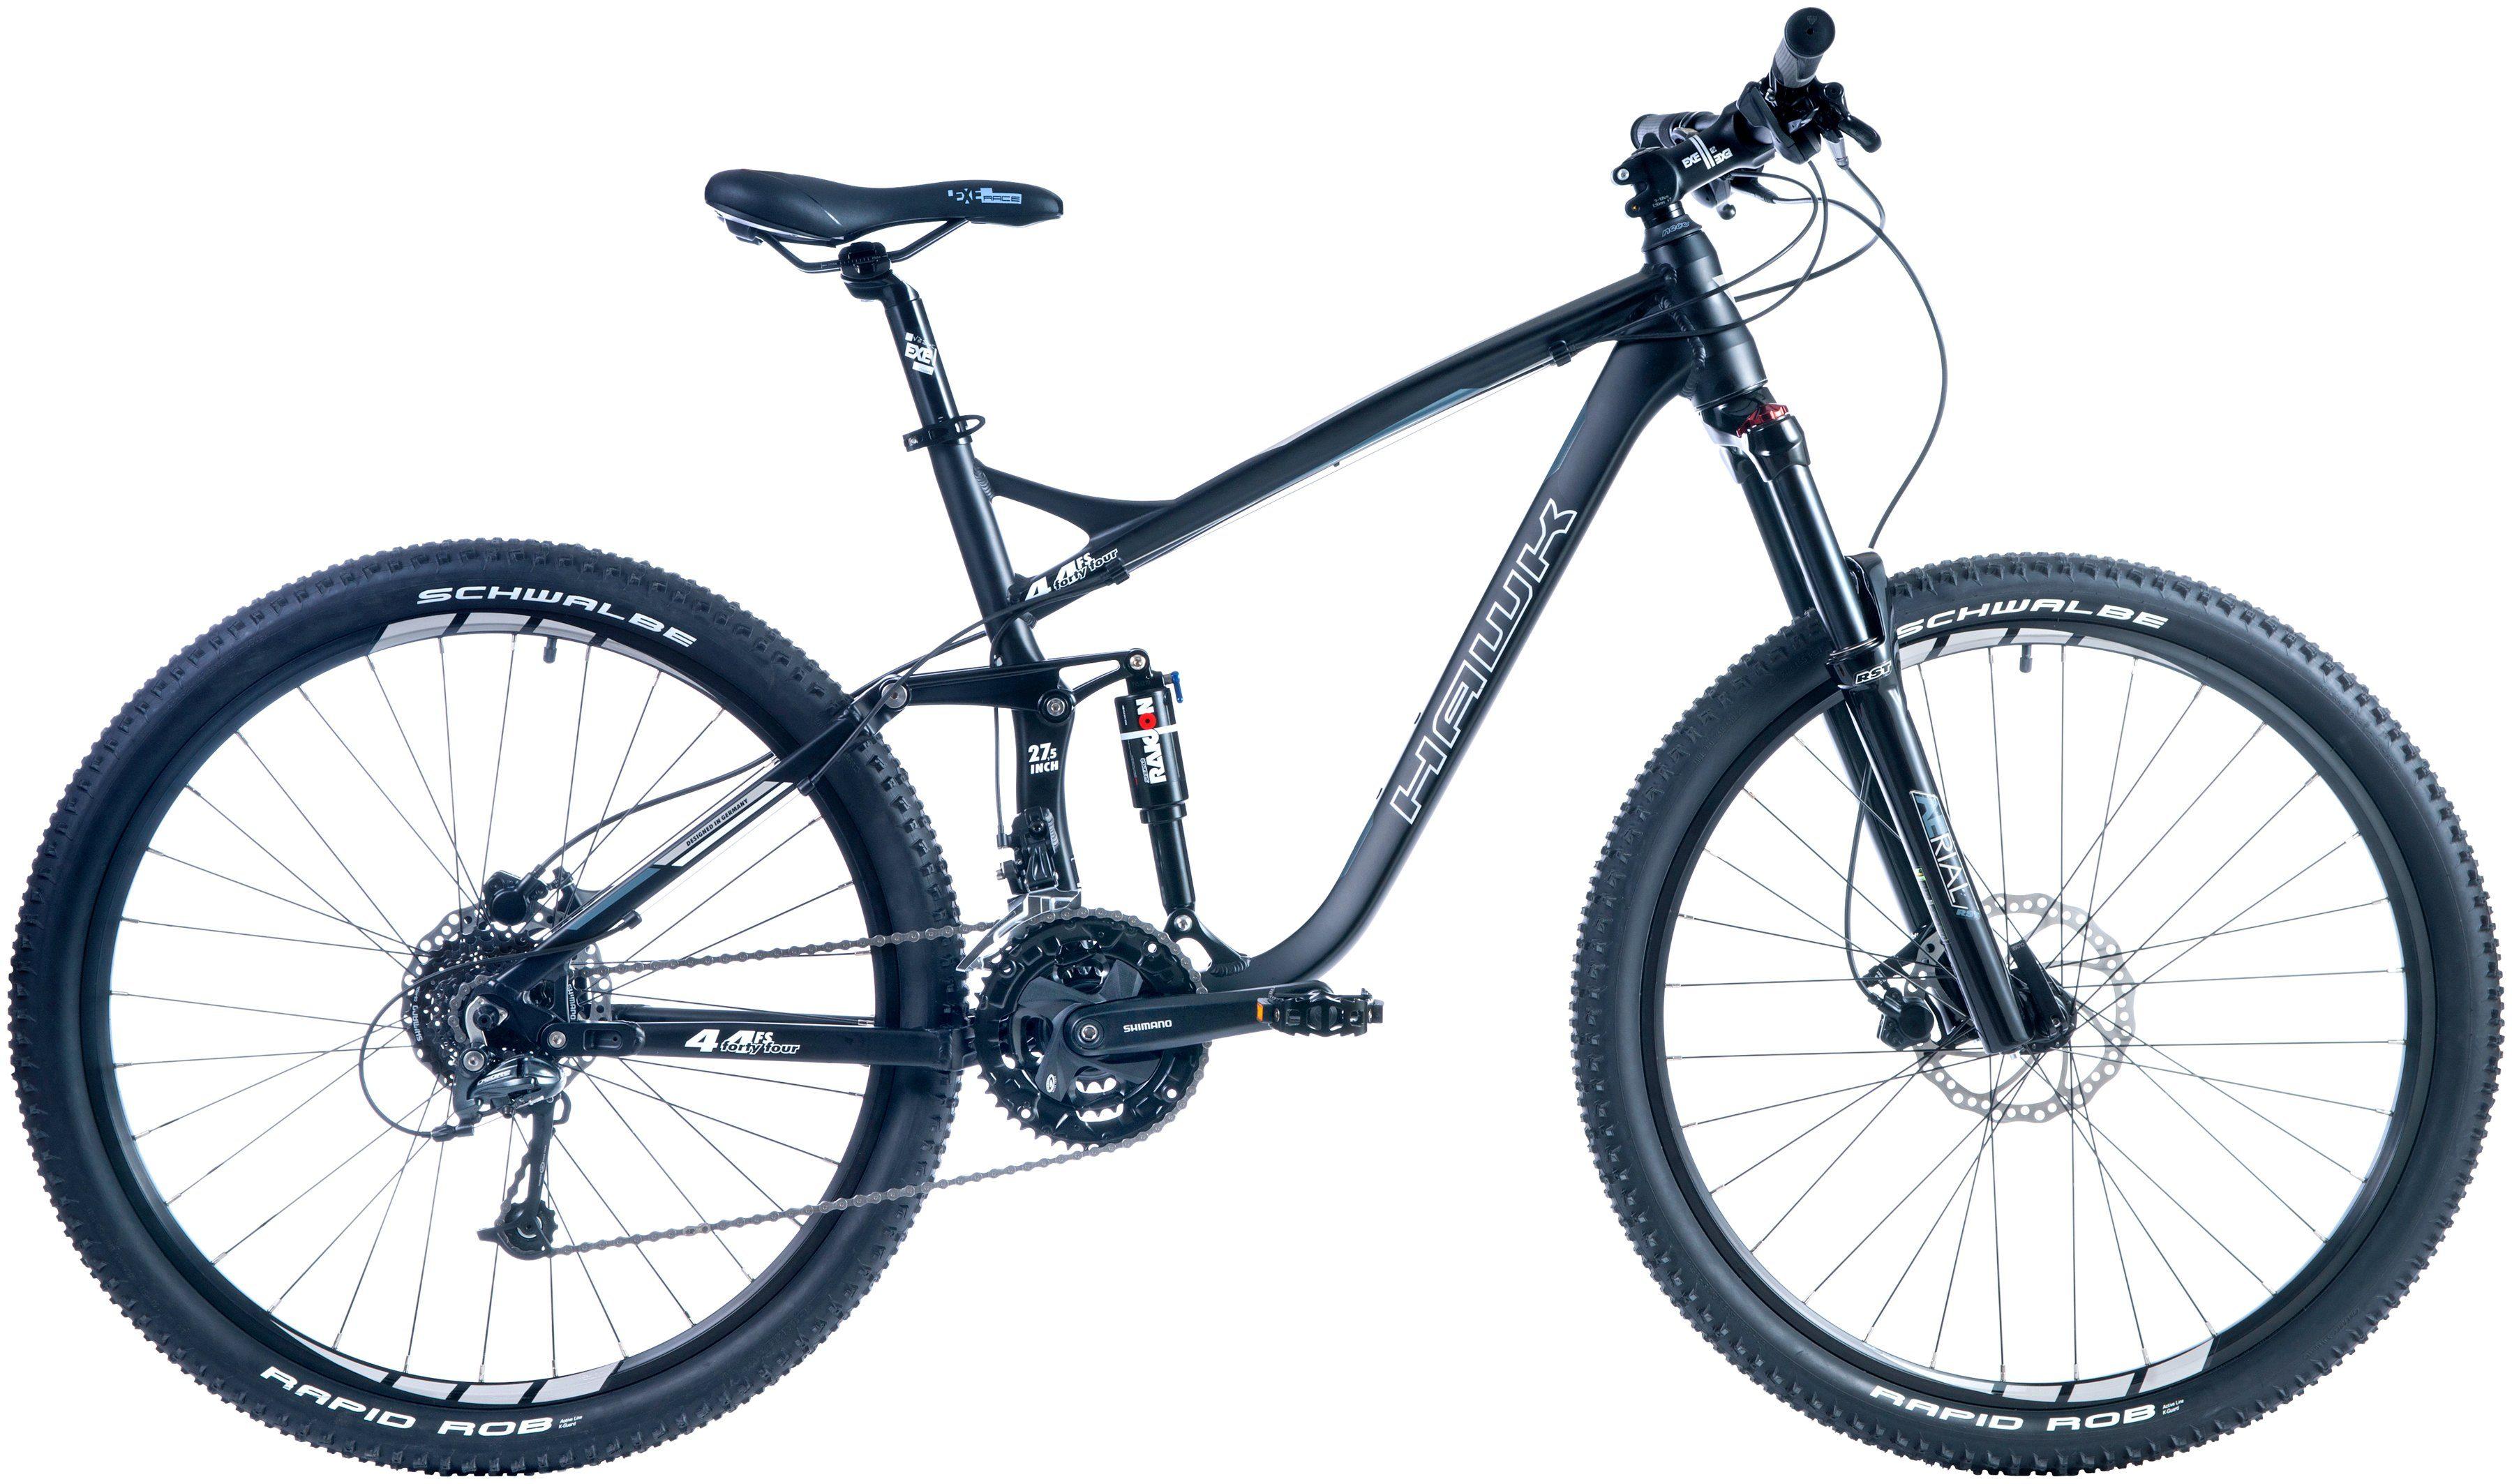 Hawk Mountainbike »Fourtyfour FS«, RH40, 27,5 Zoll, 27 Gang, Hydraulische Scheibenbremsen